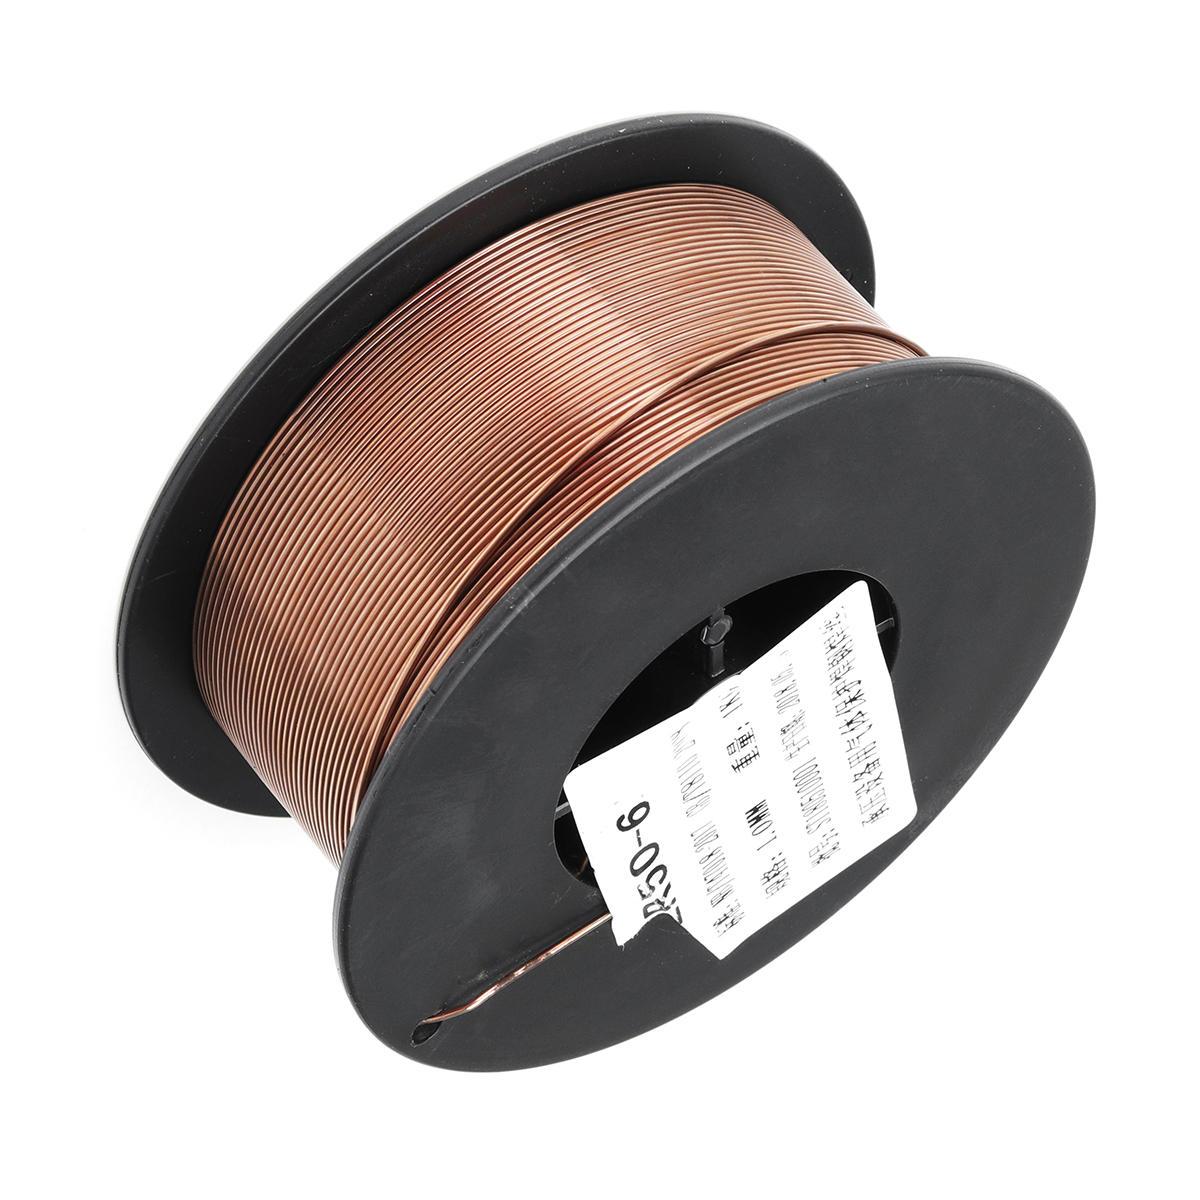 ER70S-6 ER50-6 1mm 1KG Mild Steel MIG Welding Wire Welding Machine Wires